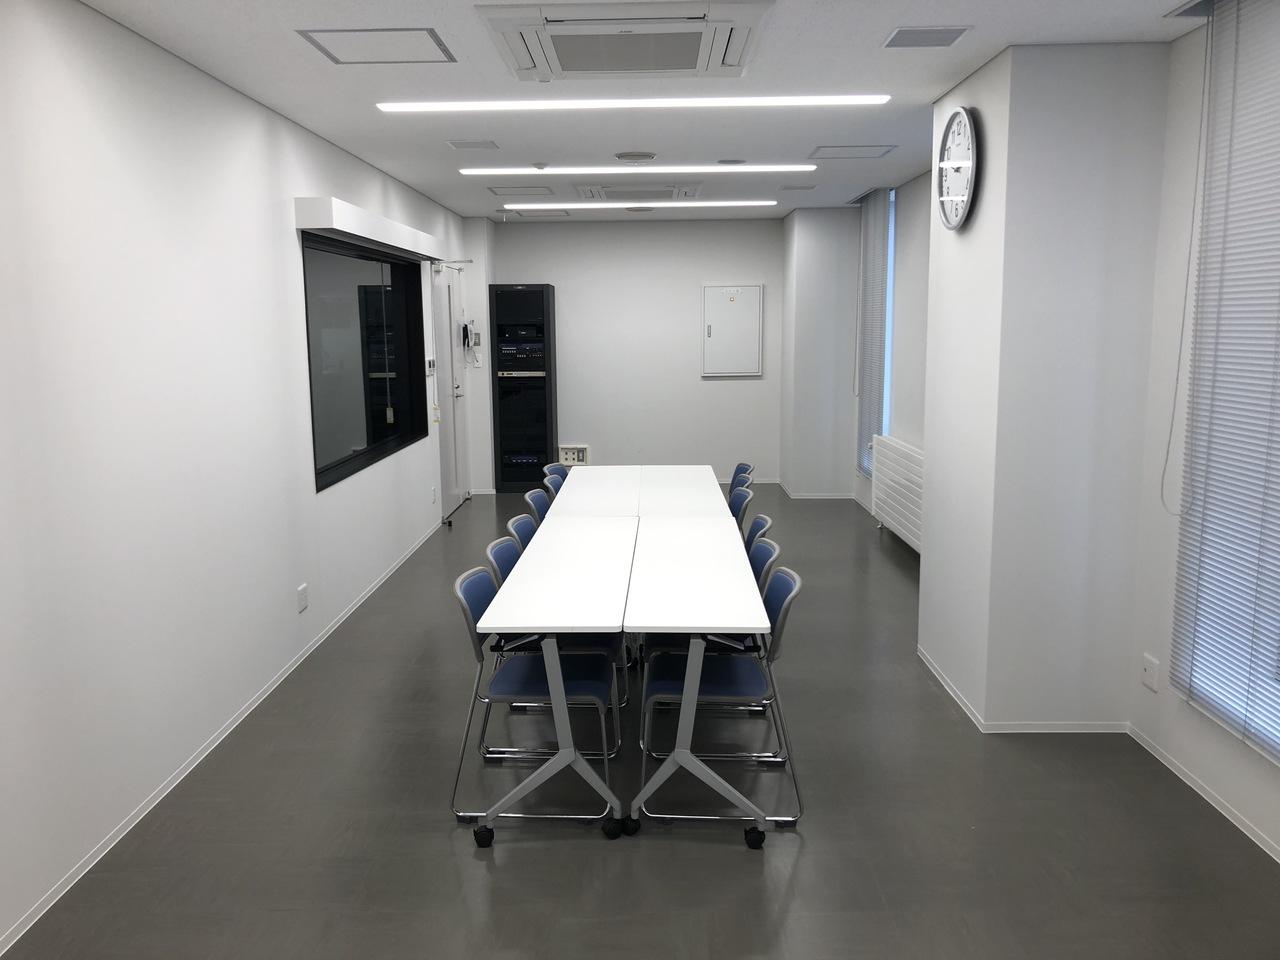 カーリング場 会議室